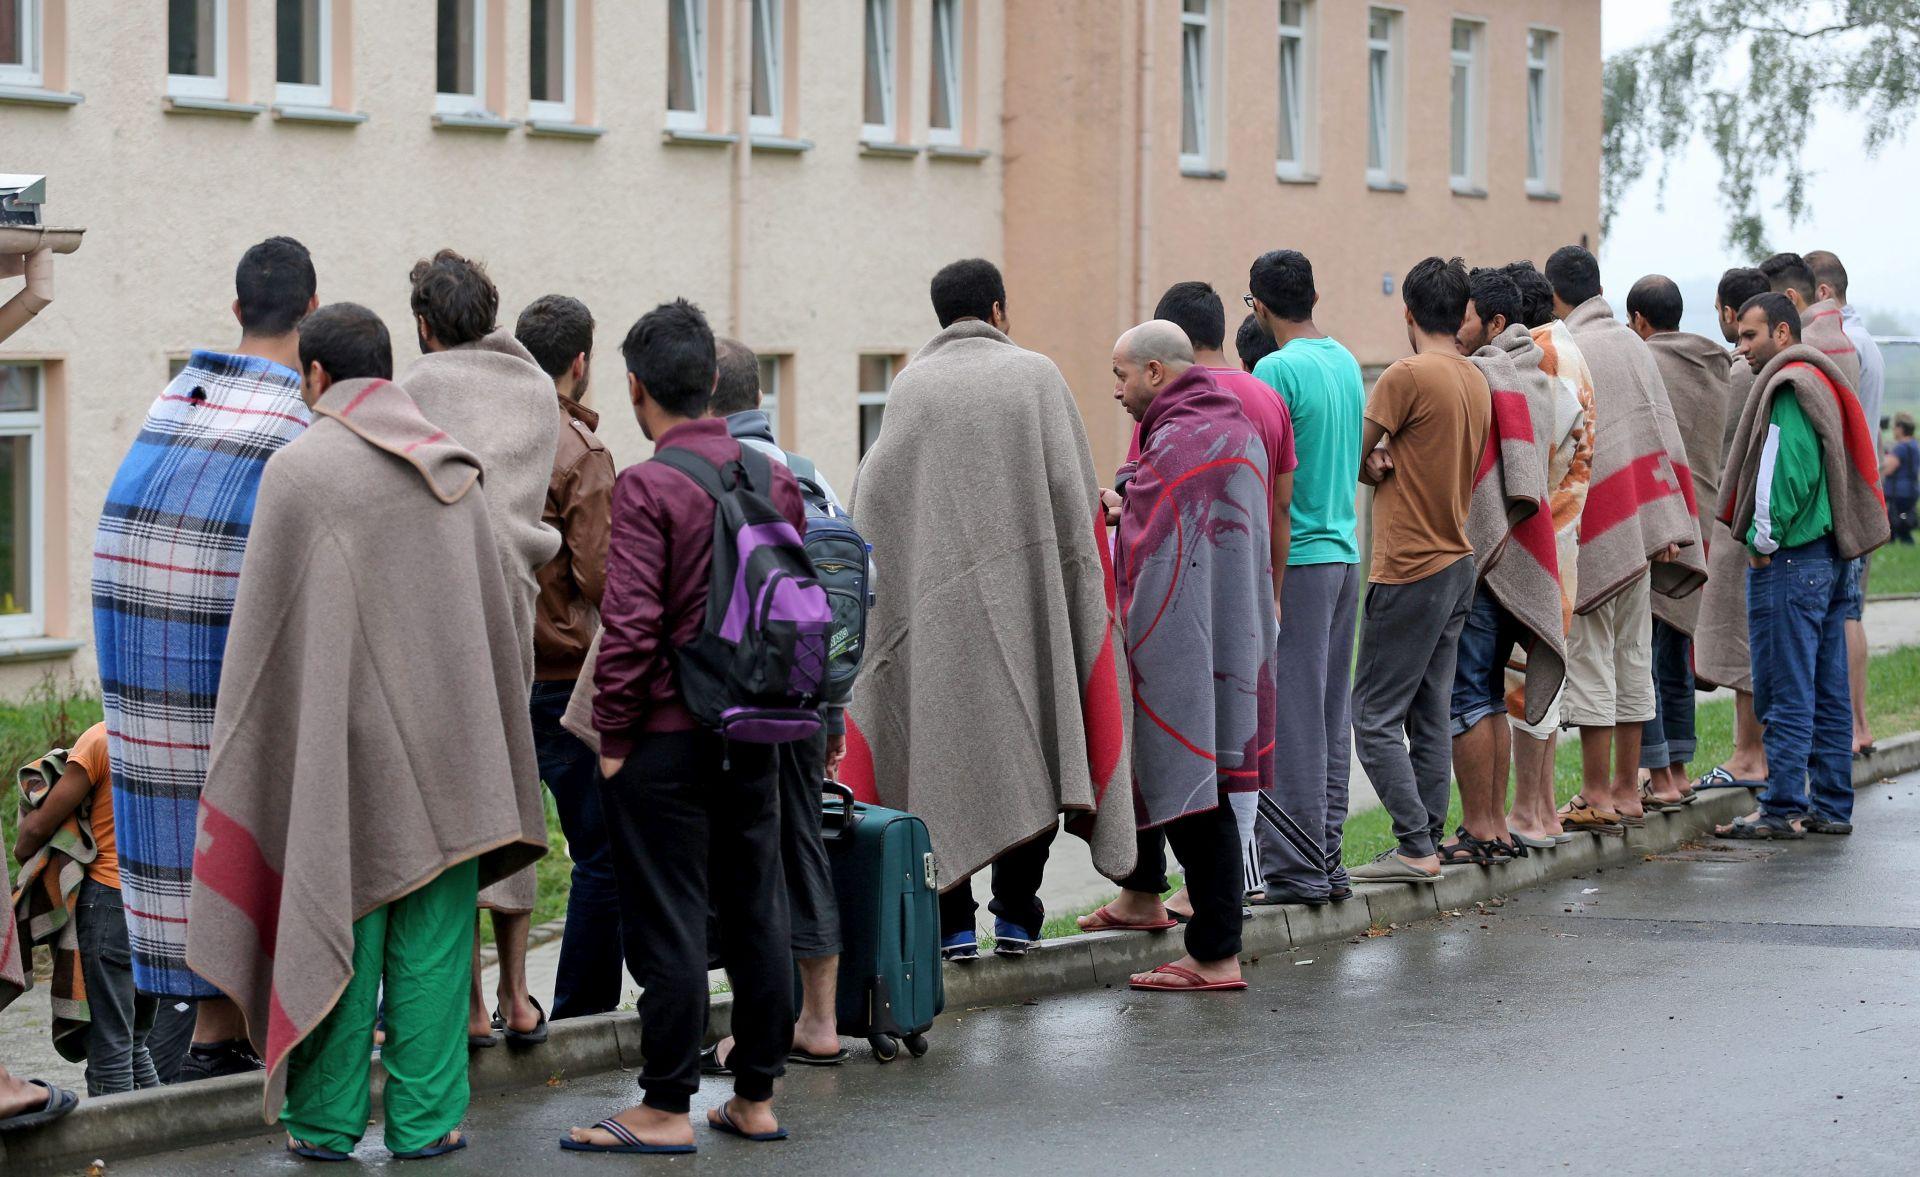 Izbjeglička kriza bez presedana izazov za Europu koja još traga za rješenjima